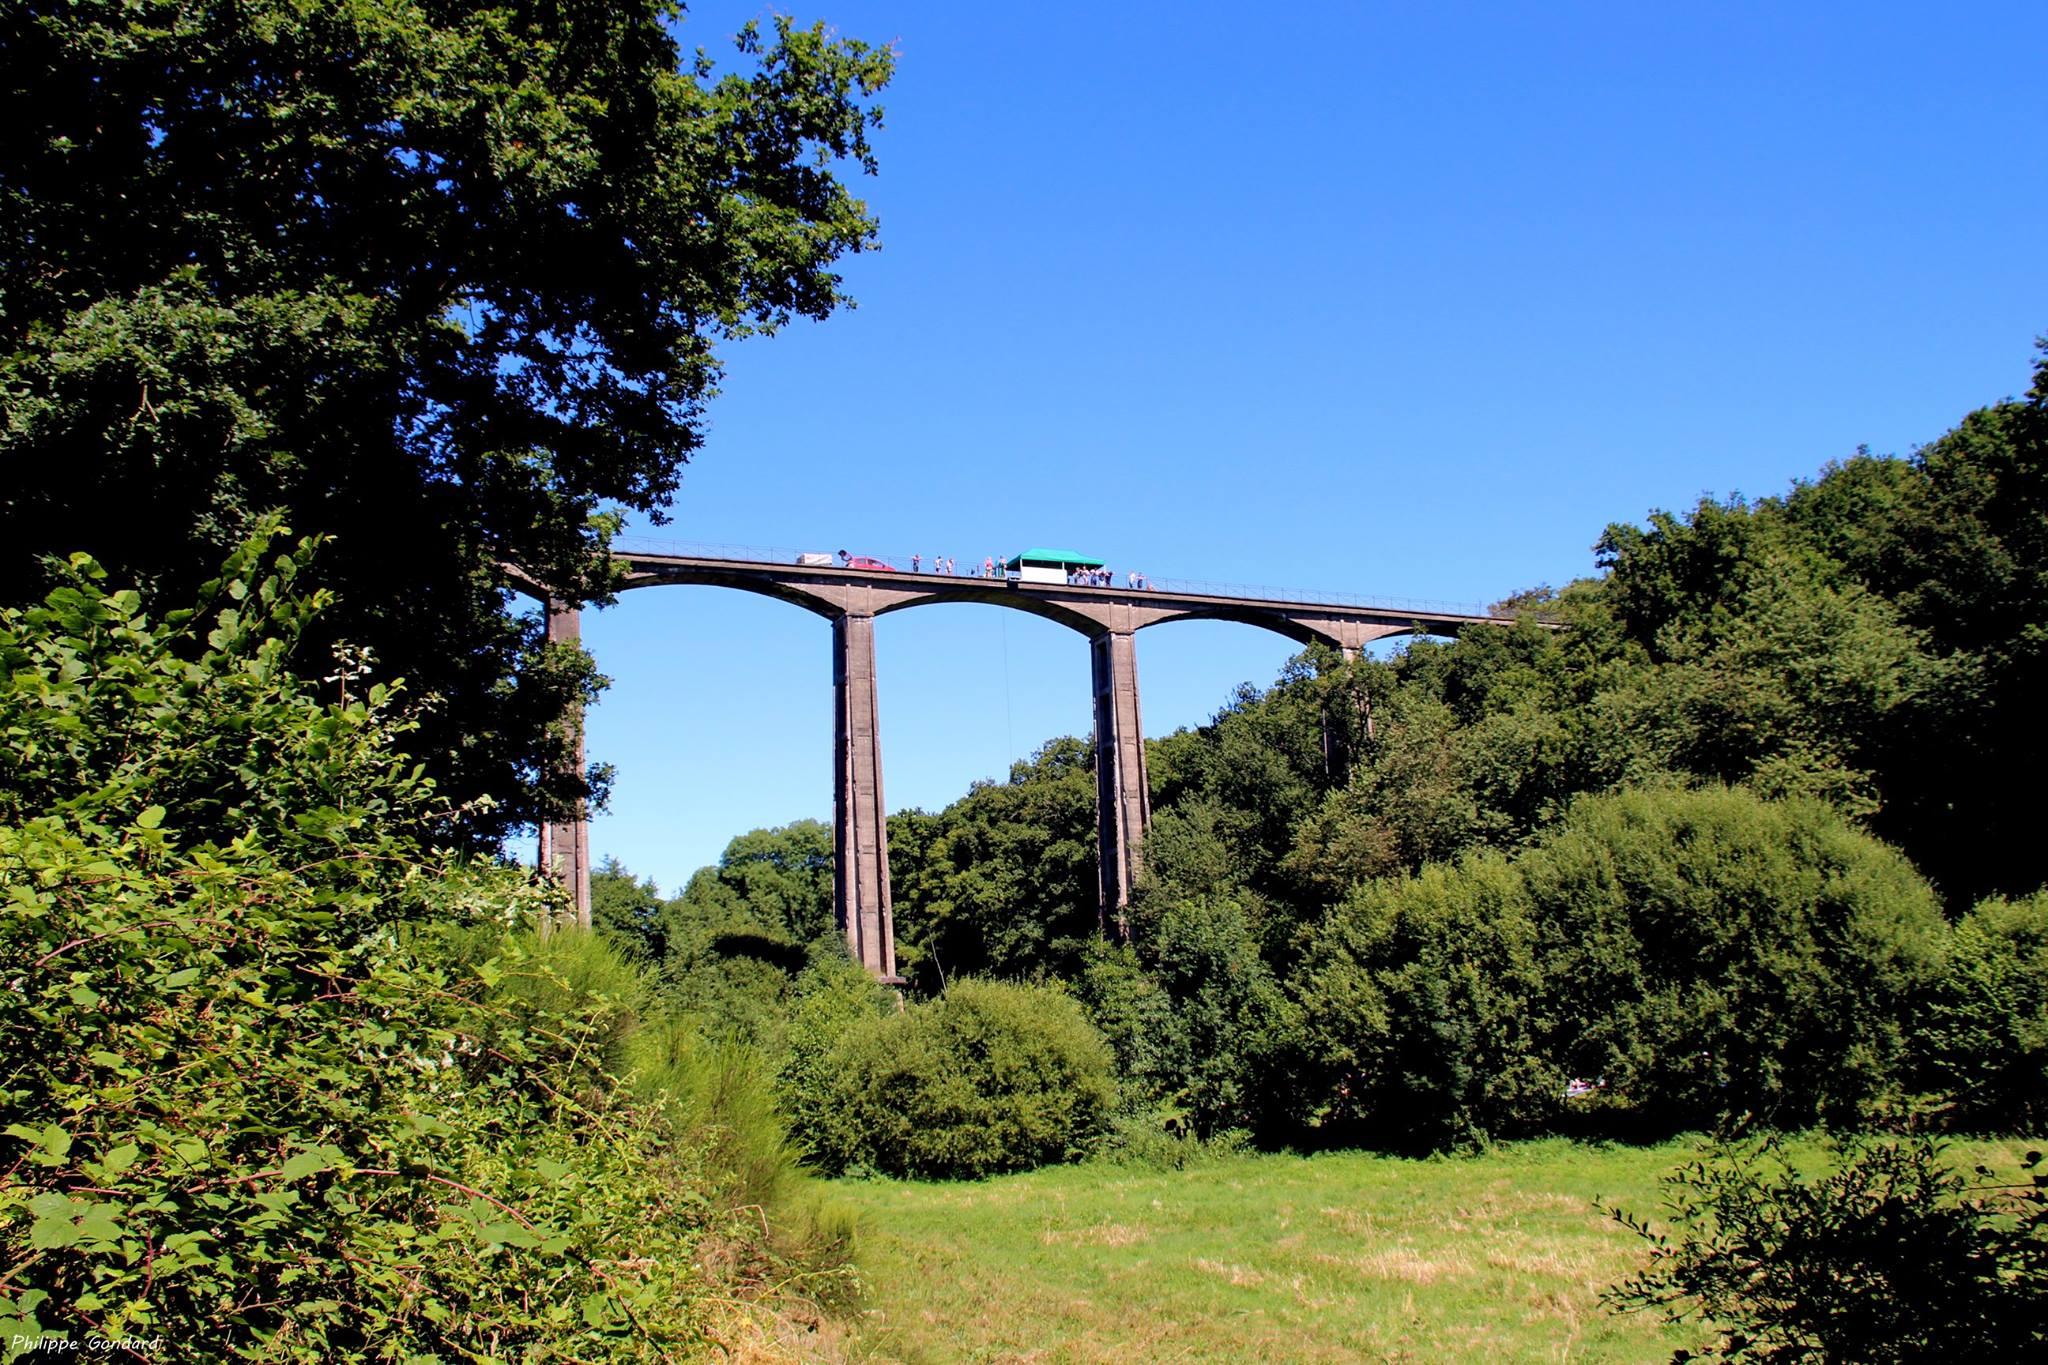 Saint Georges le Gaultier - Ce viaduc n'a jamais servi puisque les travaux de la ligne ferroviaire ont commencé en 1913 et que le projet a été stoppé par la Première Guerre Mondiale (Philippe Gondard)